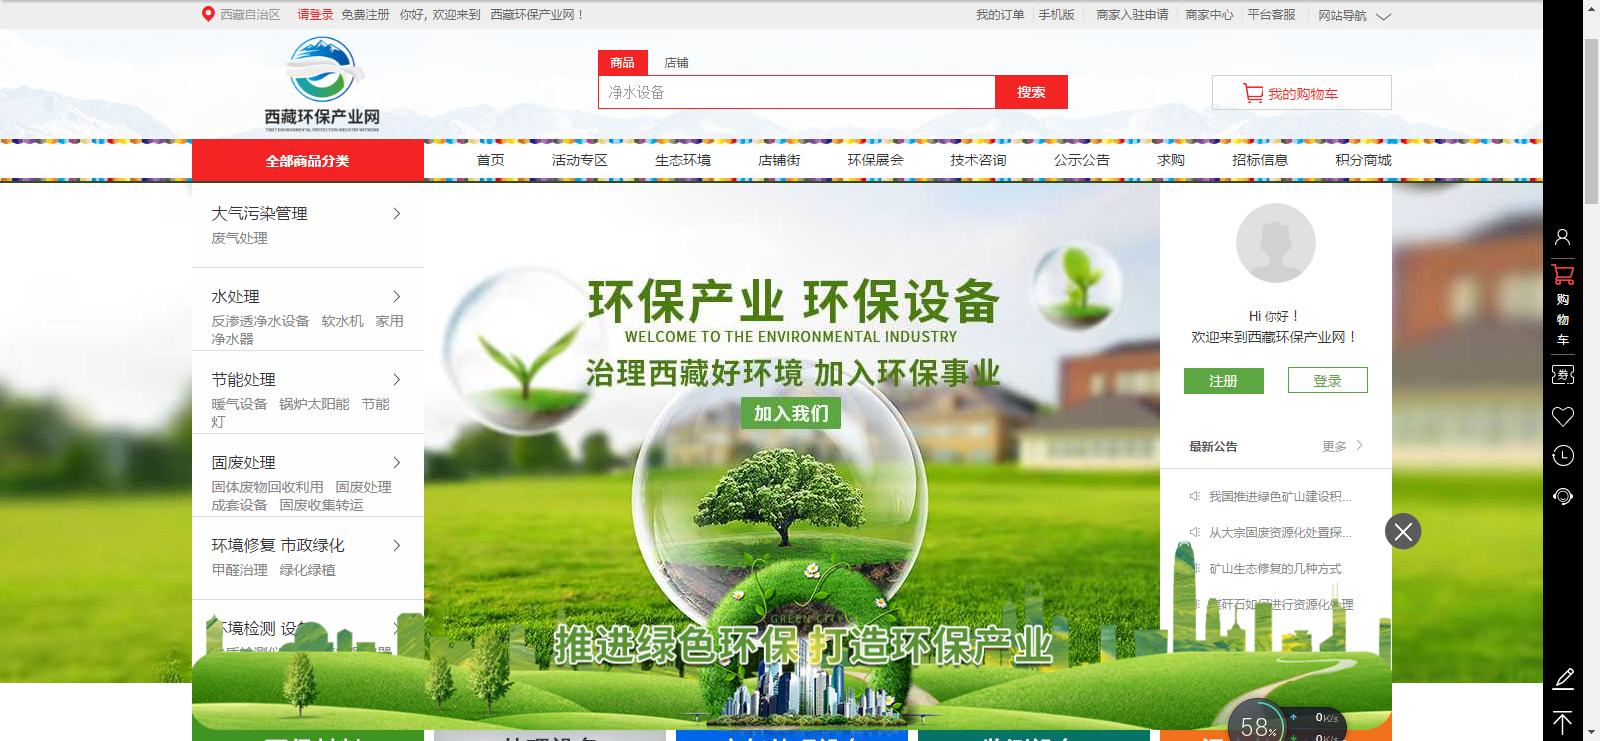 空气环境检测网址_西藏环保设备加工-西藏信德为环保技术服务有限公司